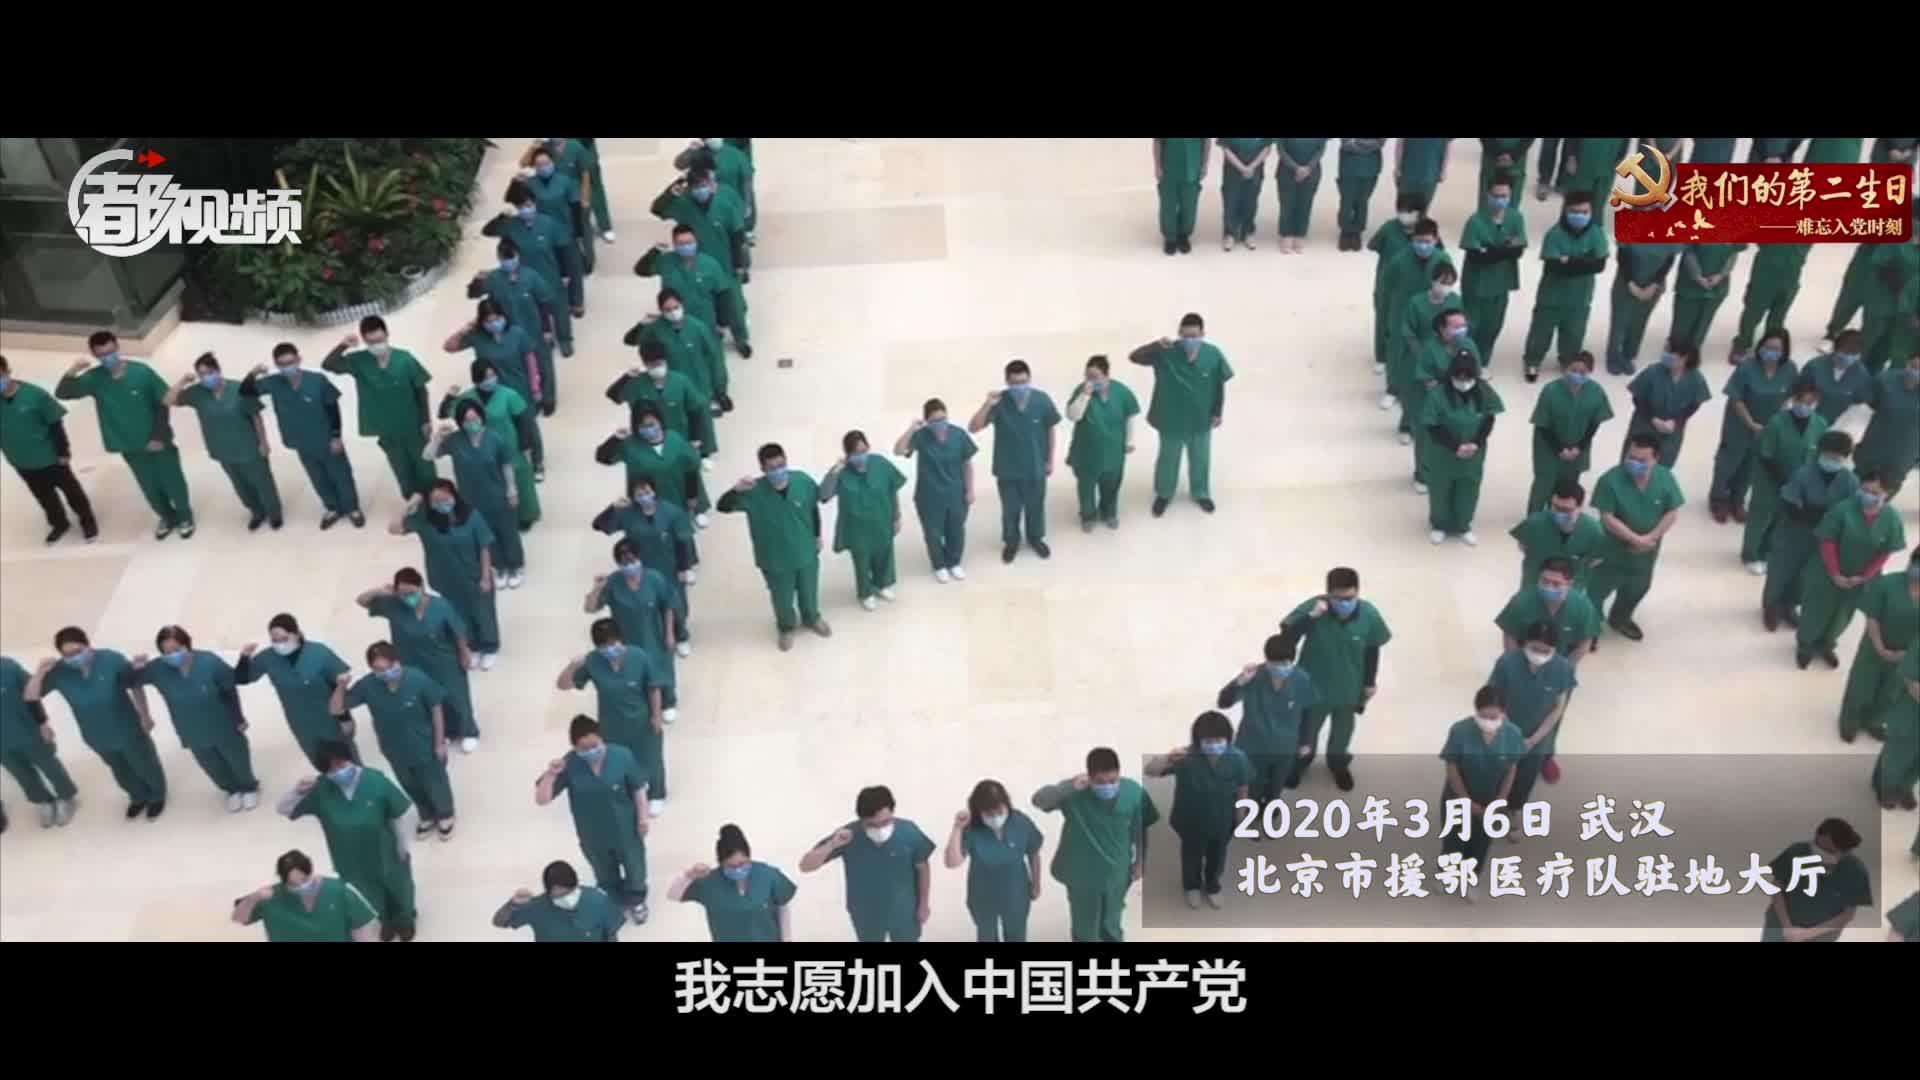 我们的第二生日|95后护士驰援武汉65天,战疫一线火线入党